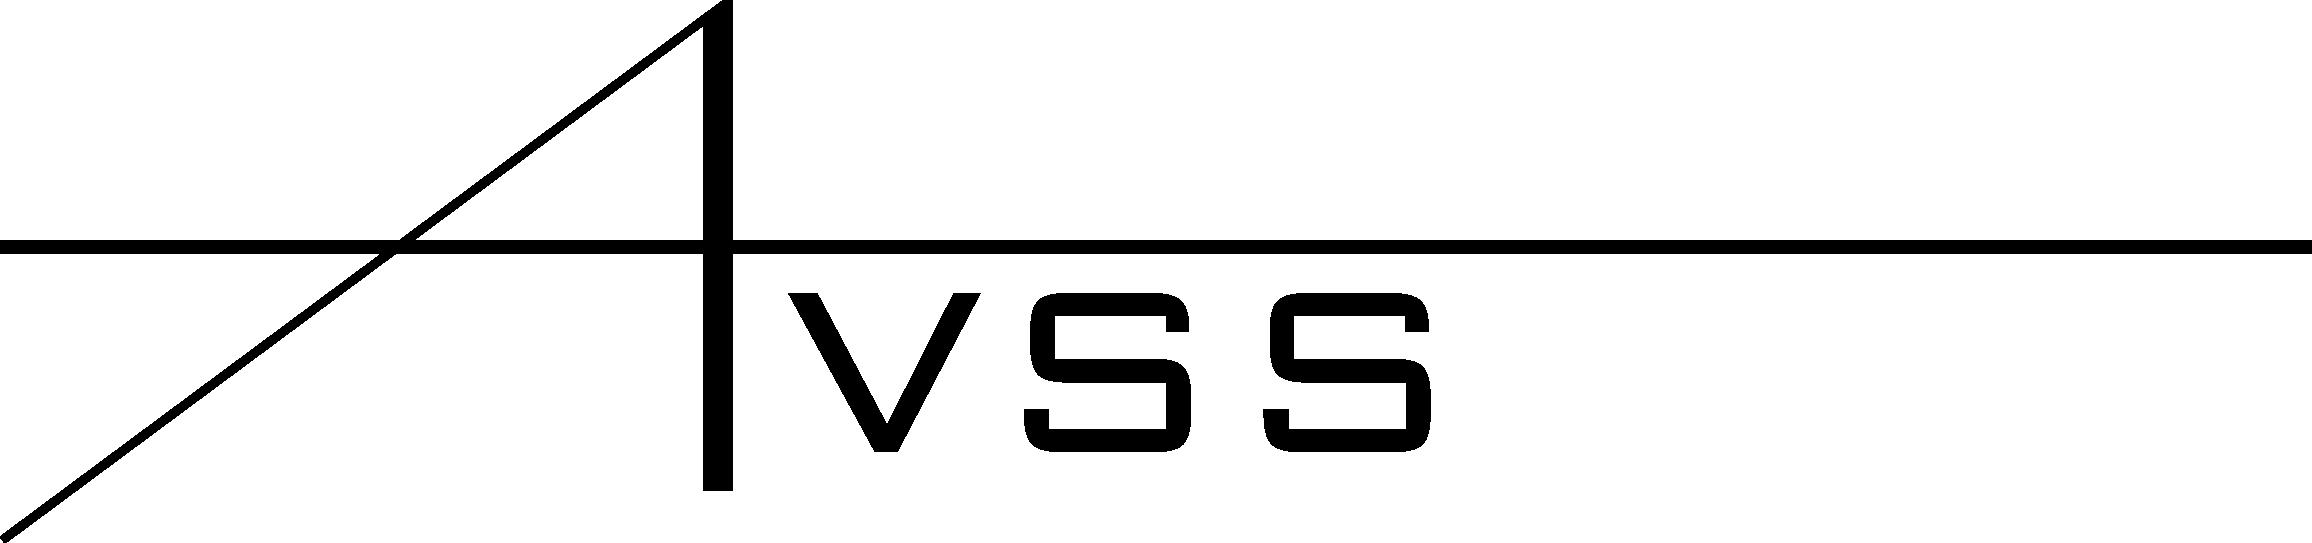 avss-logo